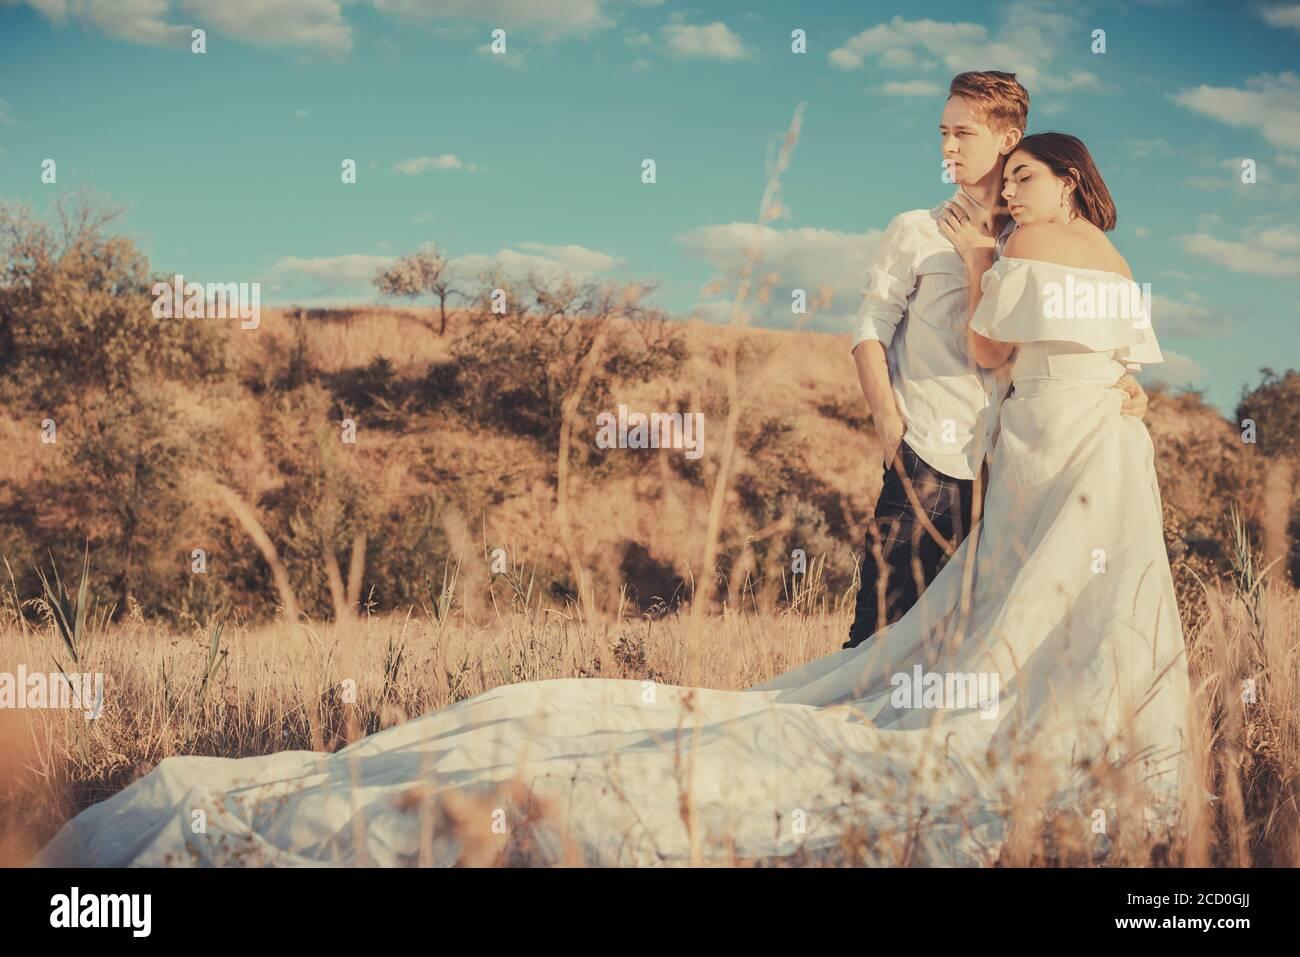 Junge Hochzeit Paar von einem Mann und einem Mädchen, in einem weißen Kleid, auf einem Feld, vor dem Hintergrund eines bewölkten blauen Himmel, Sonnenuntergang. Liebe zum jungen Peop Stockfoto